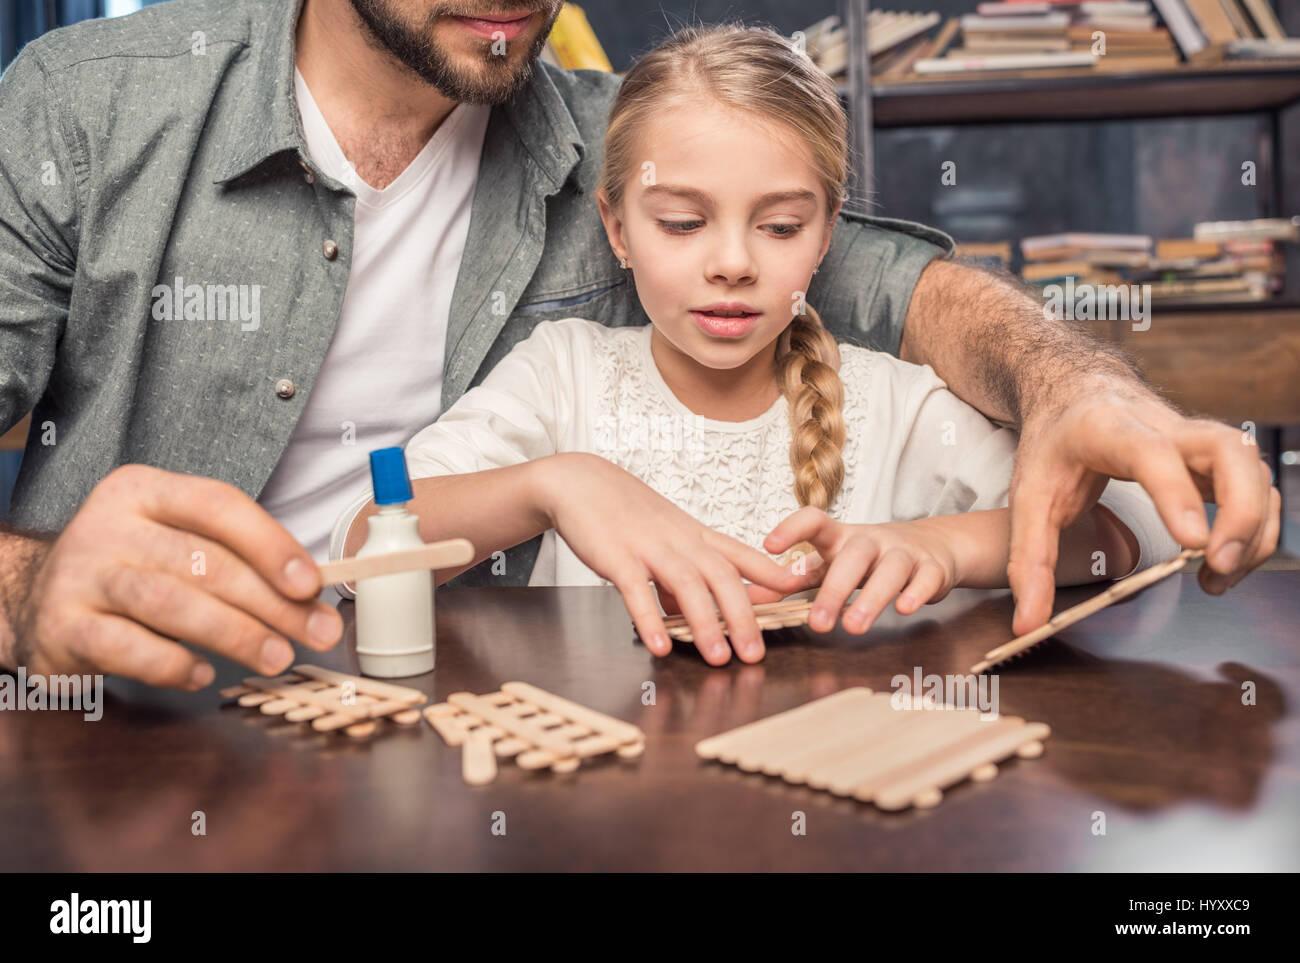 Padre e figlia produrre gelati dei bastoni di legno in figura Immagini Stock